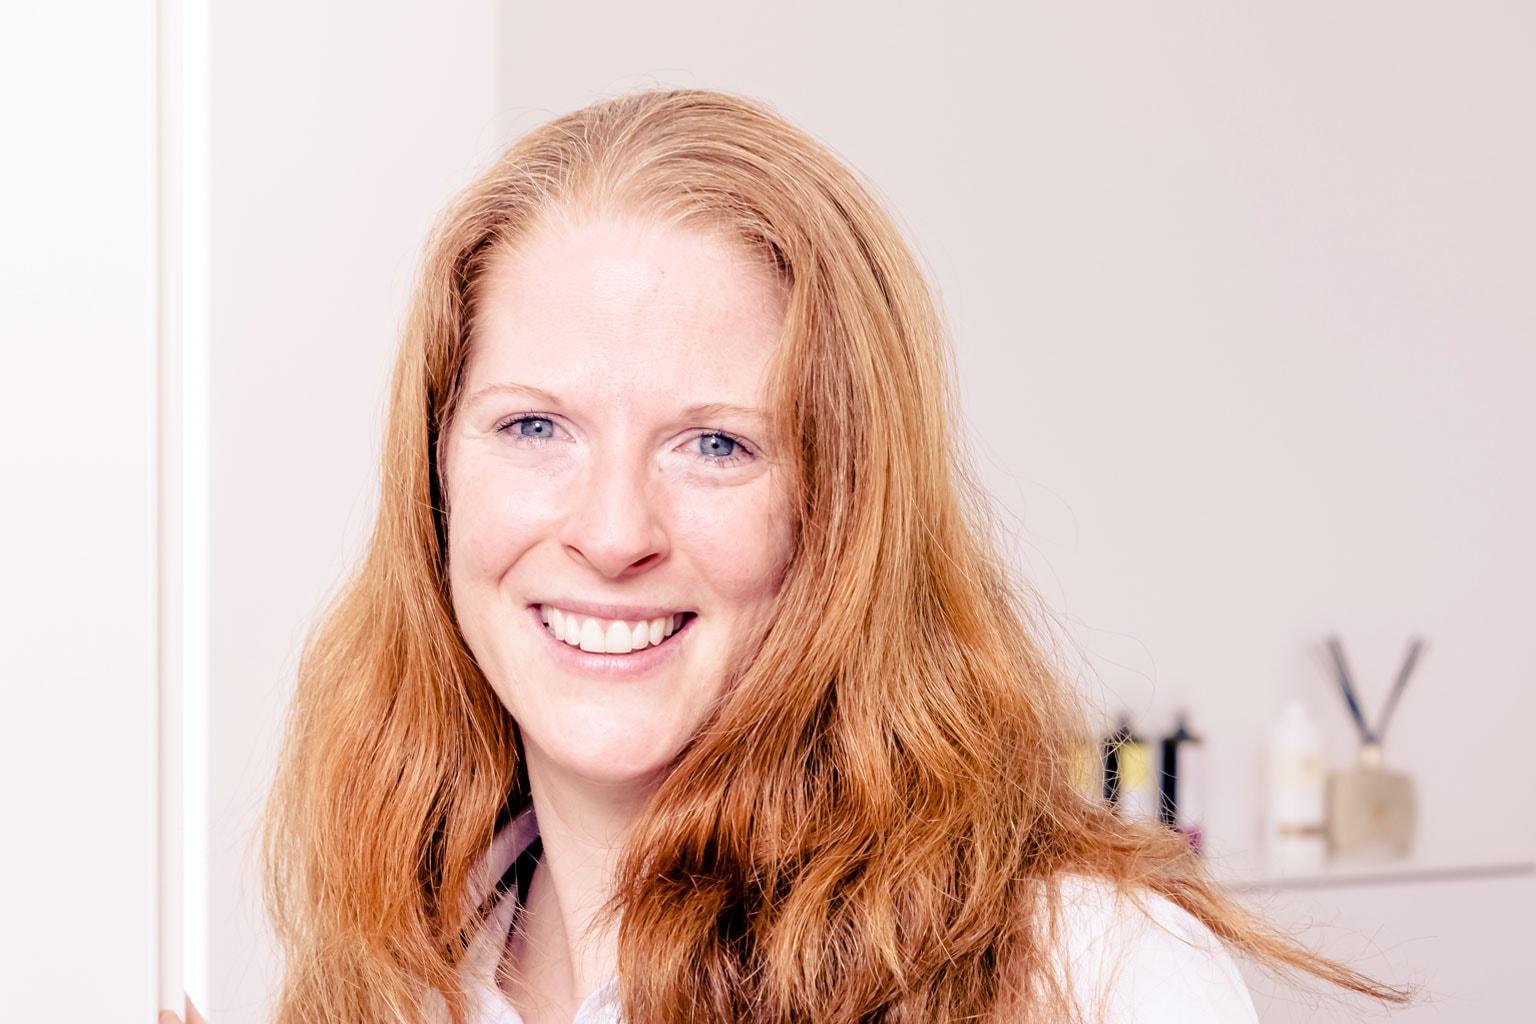 Kristina Focks